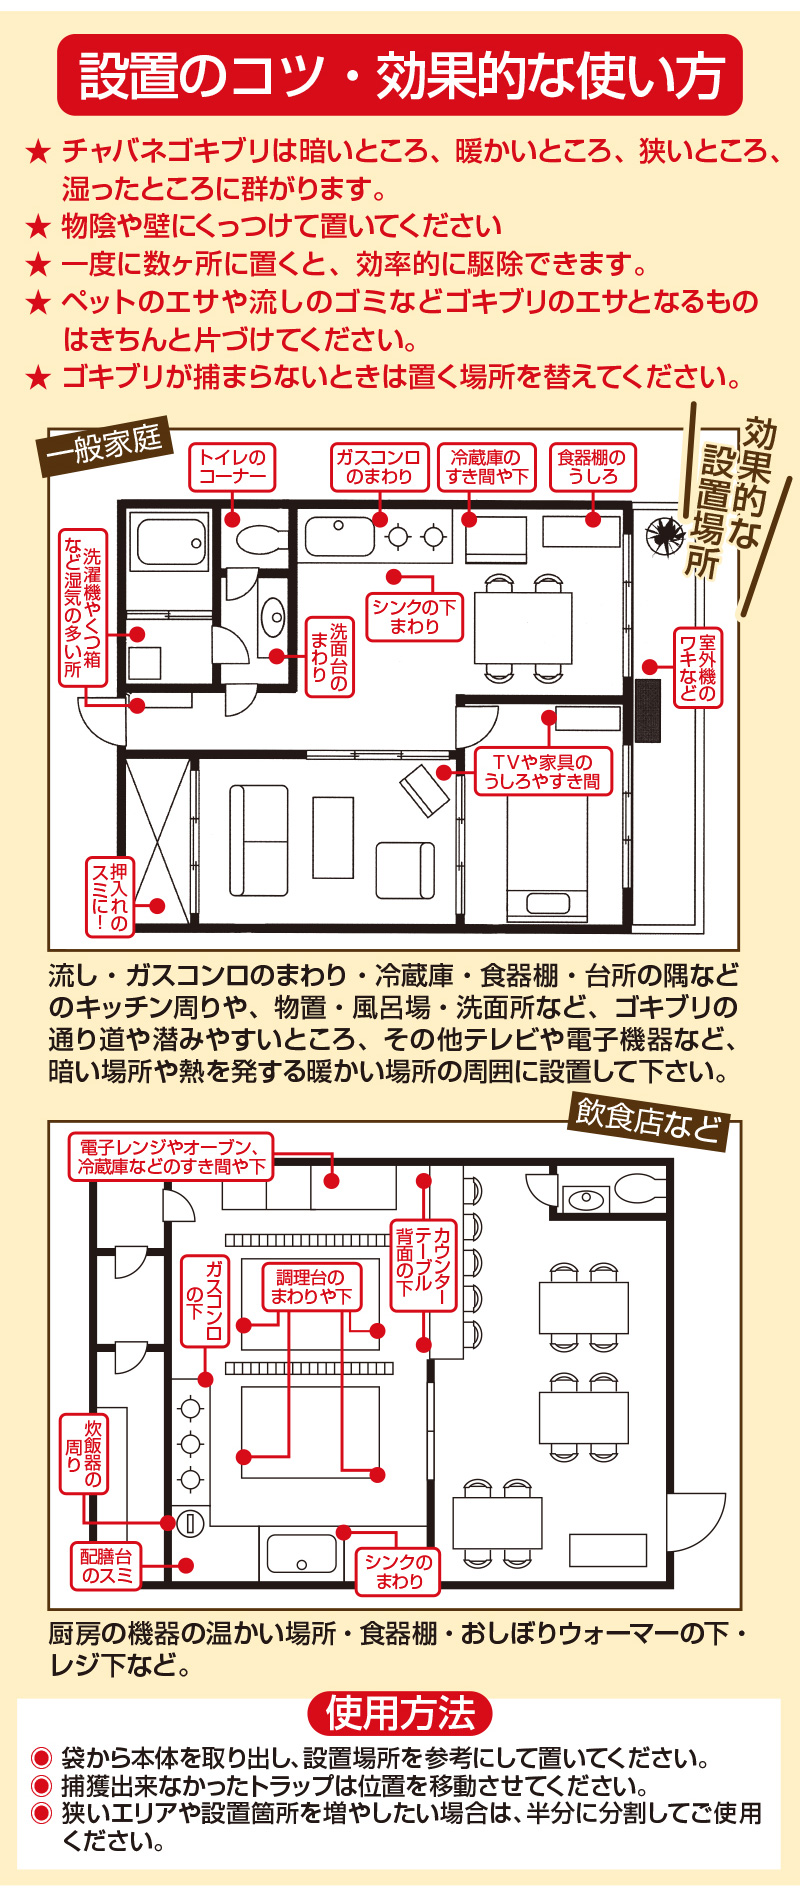 ゴキちゃんグッバイ屋敷販促Webページ